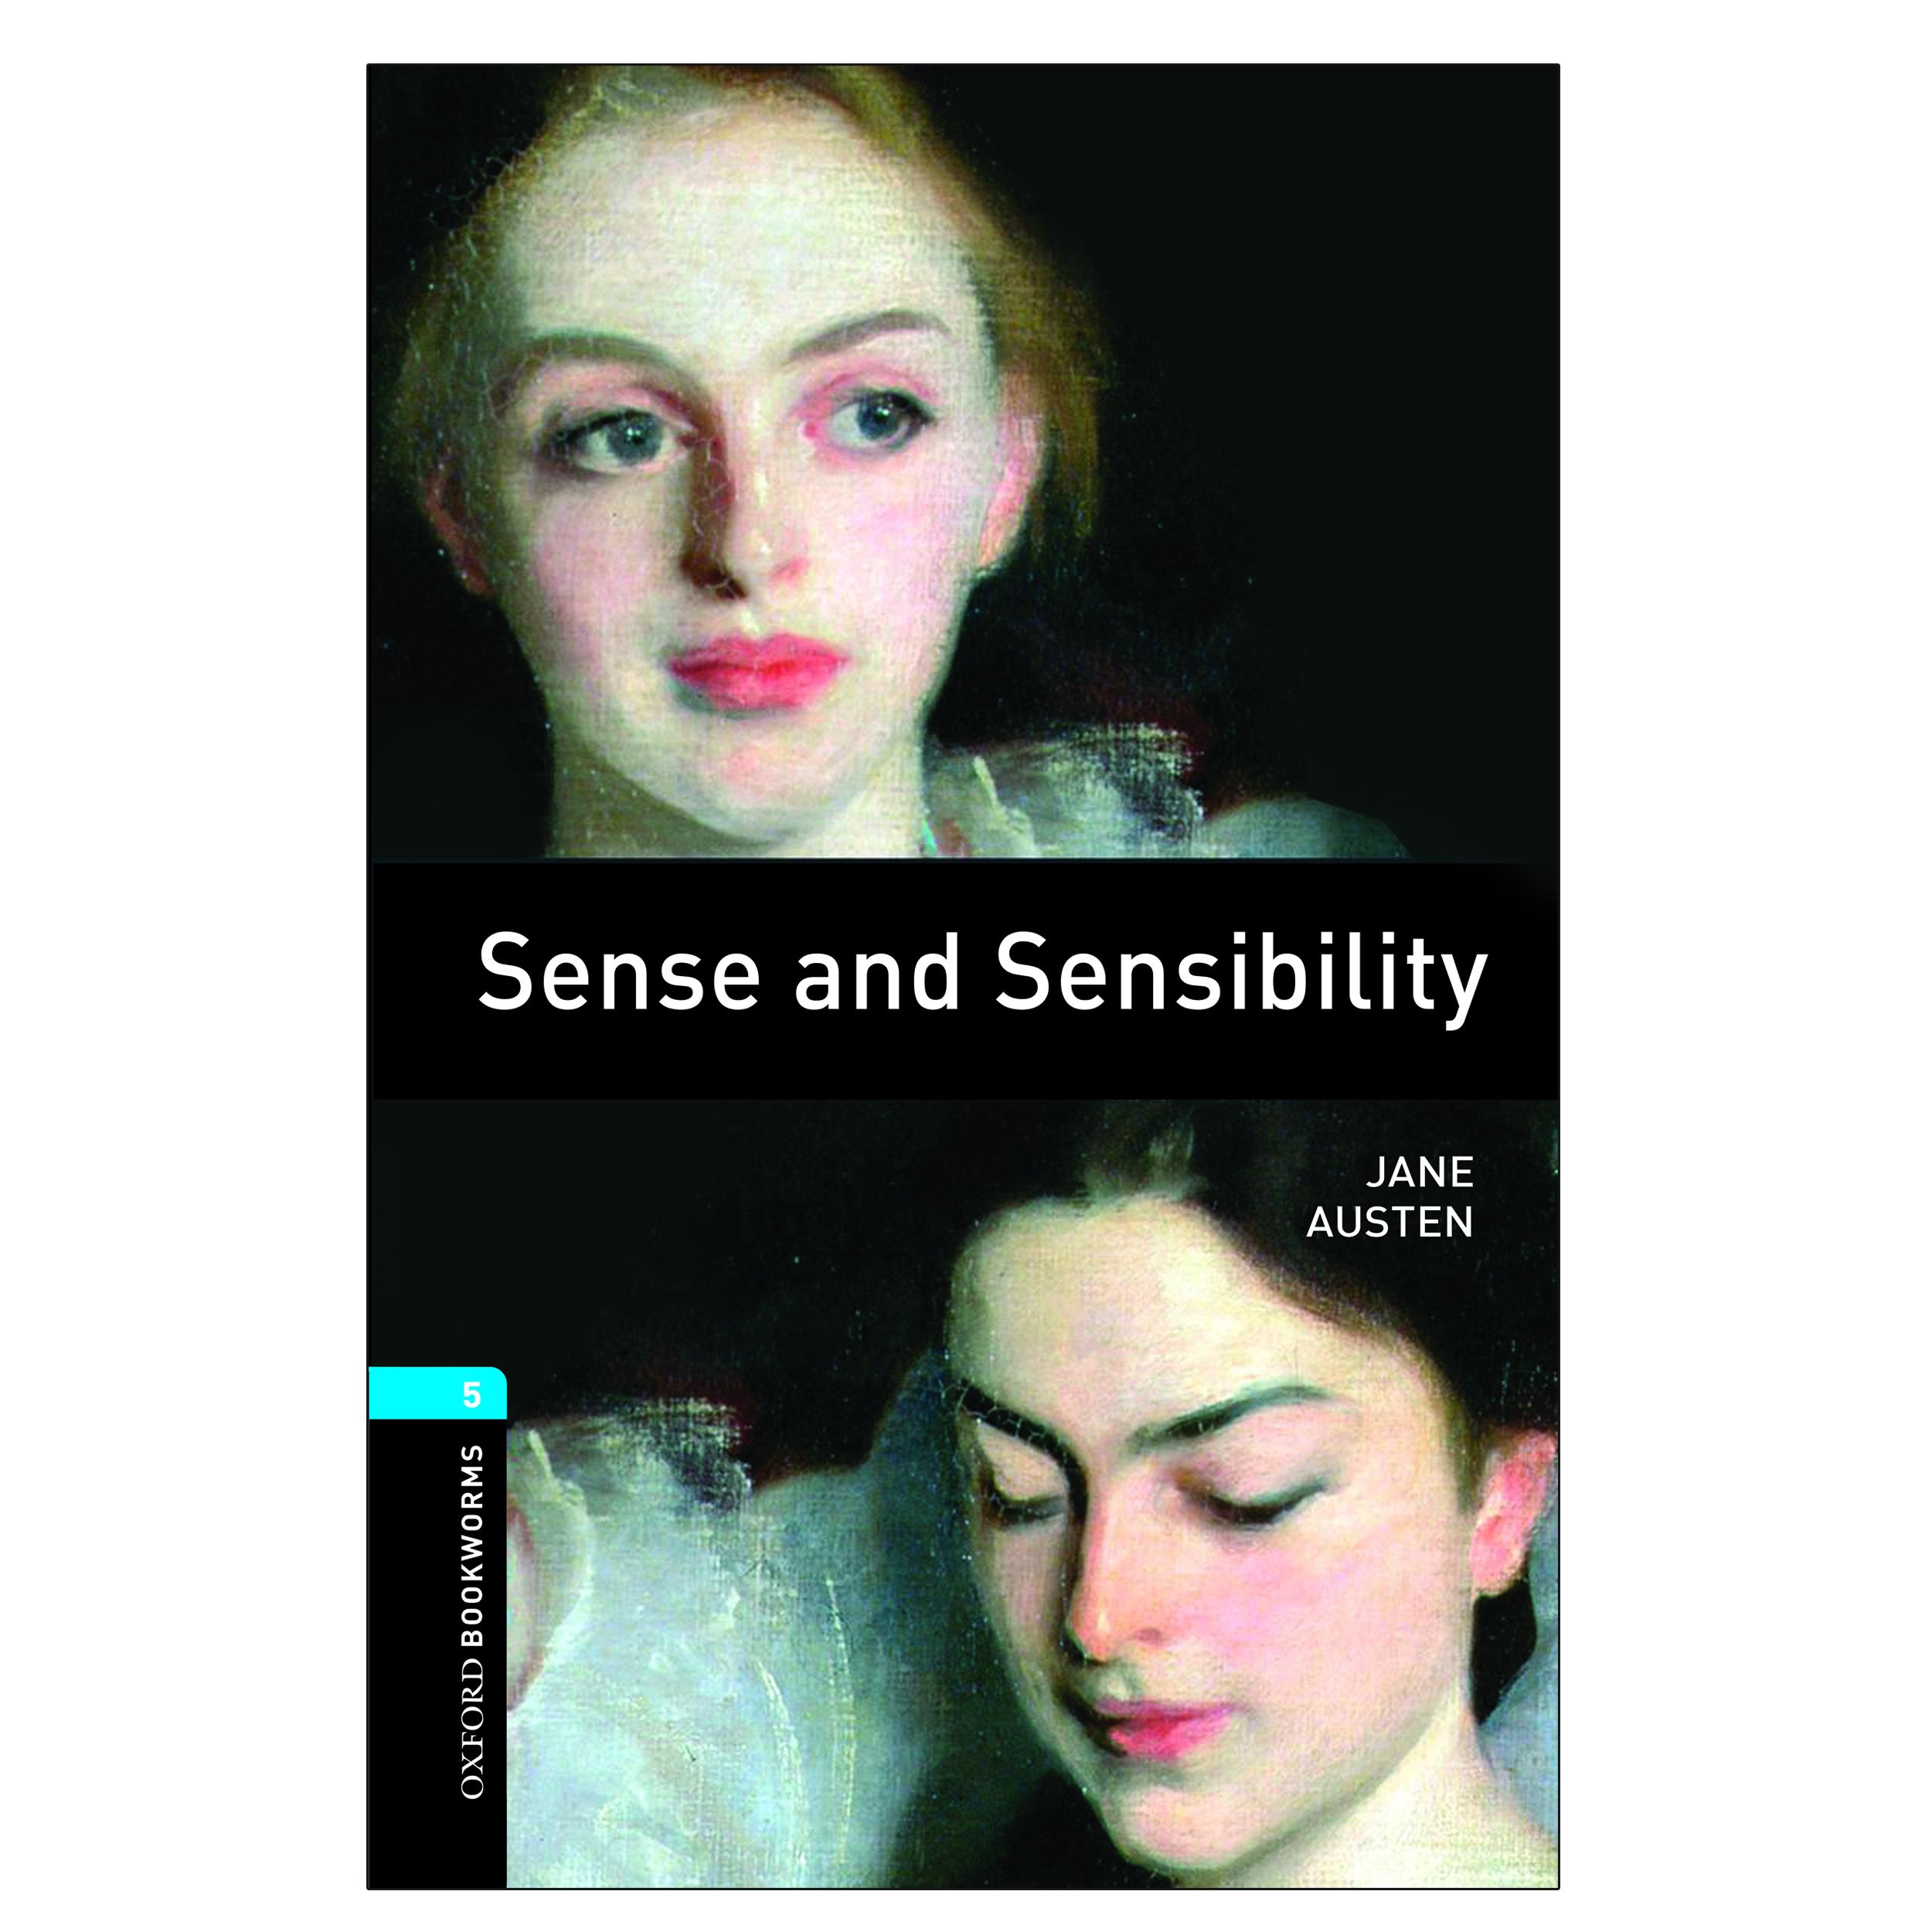 خرید                      کتاب Sense and Sensibility bookworms 5 اثر jANE Austen انتشارات Oxford